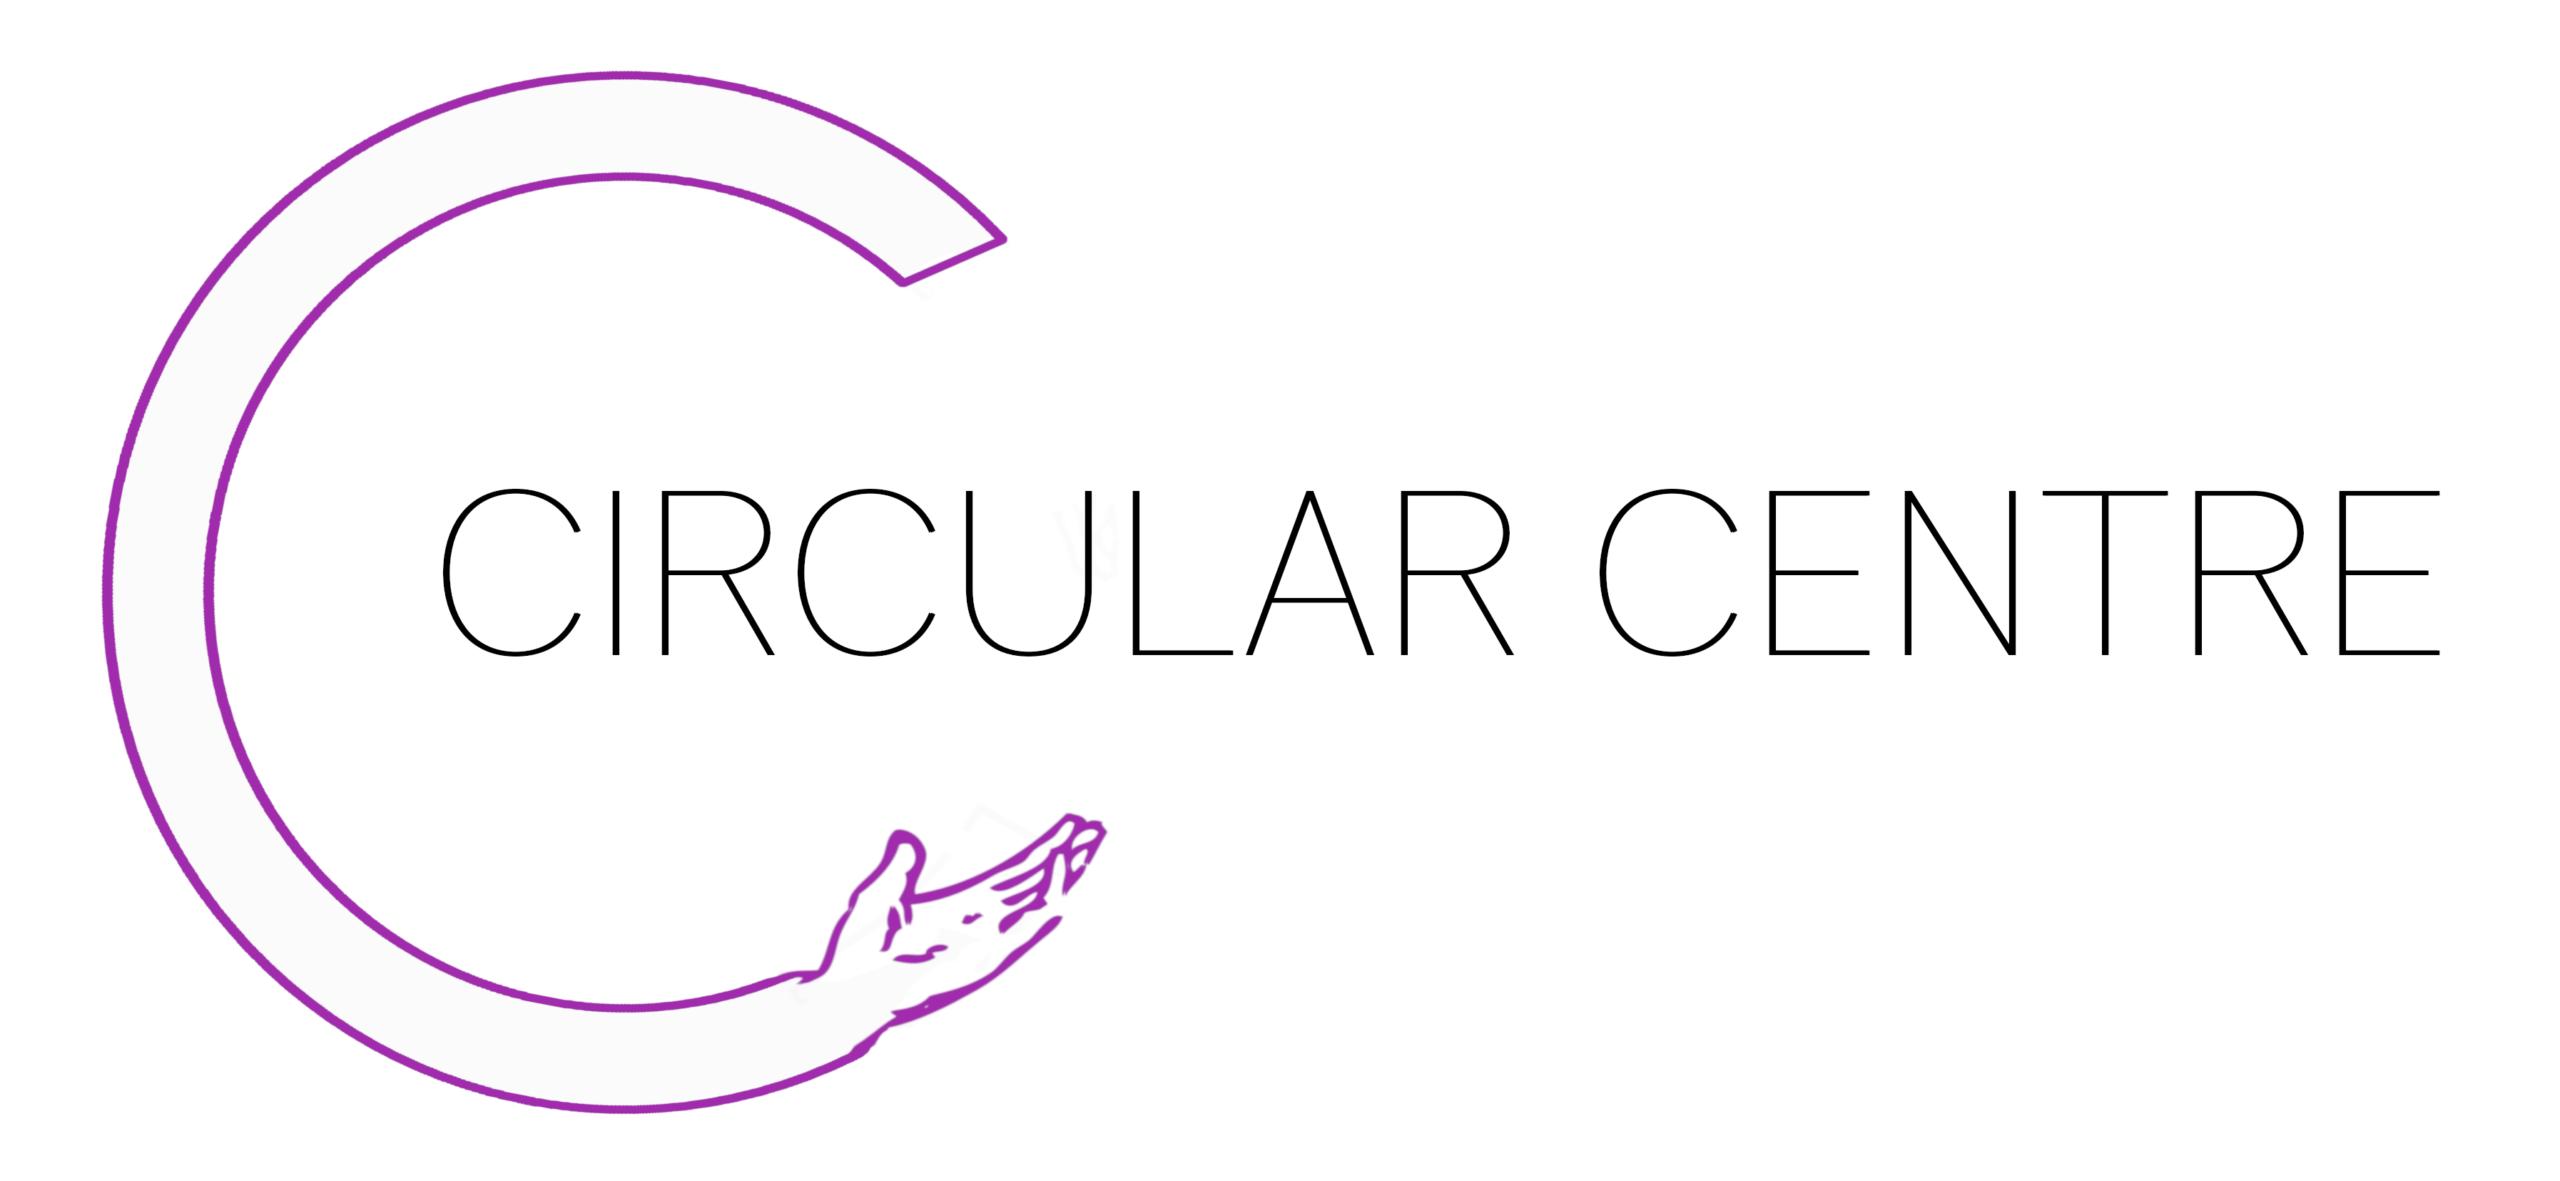 Circular Centre